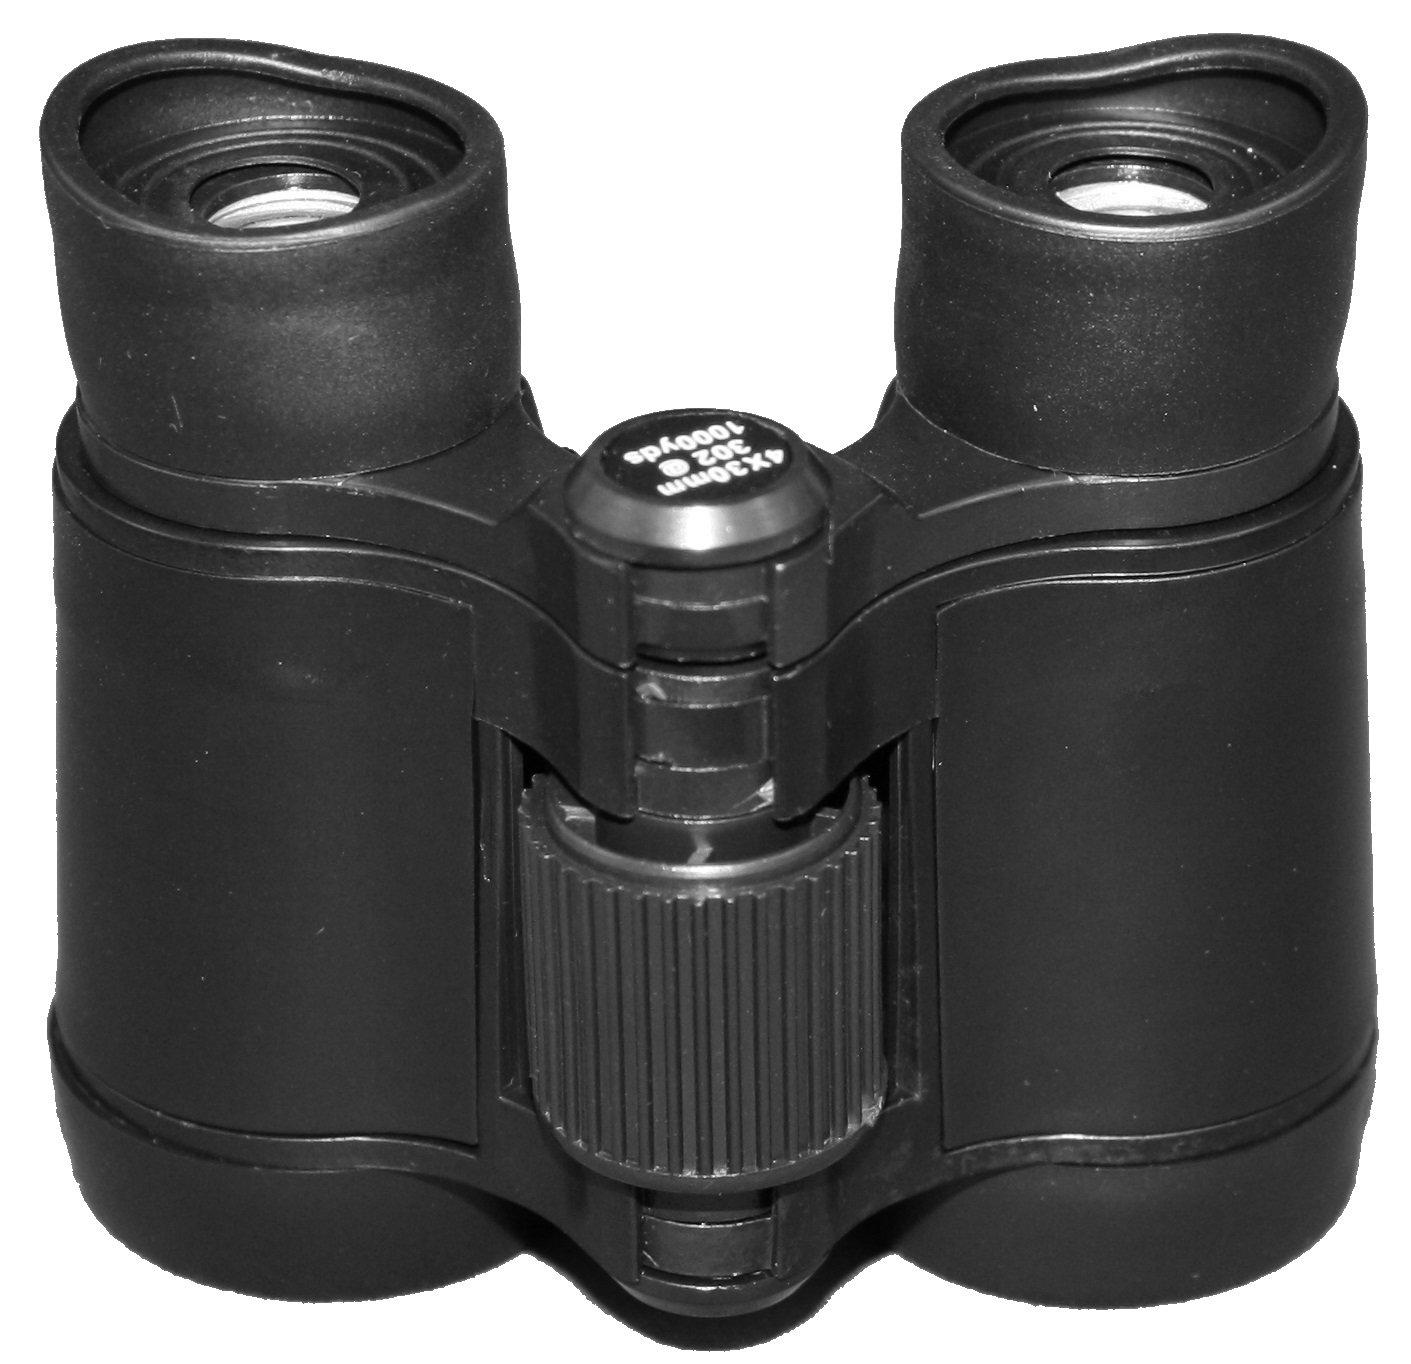 ユース双眼鏡(ブラック) B071GZ79PG